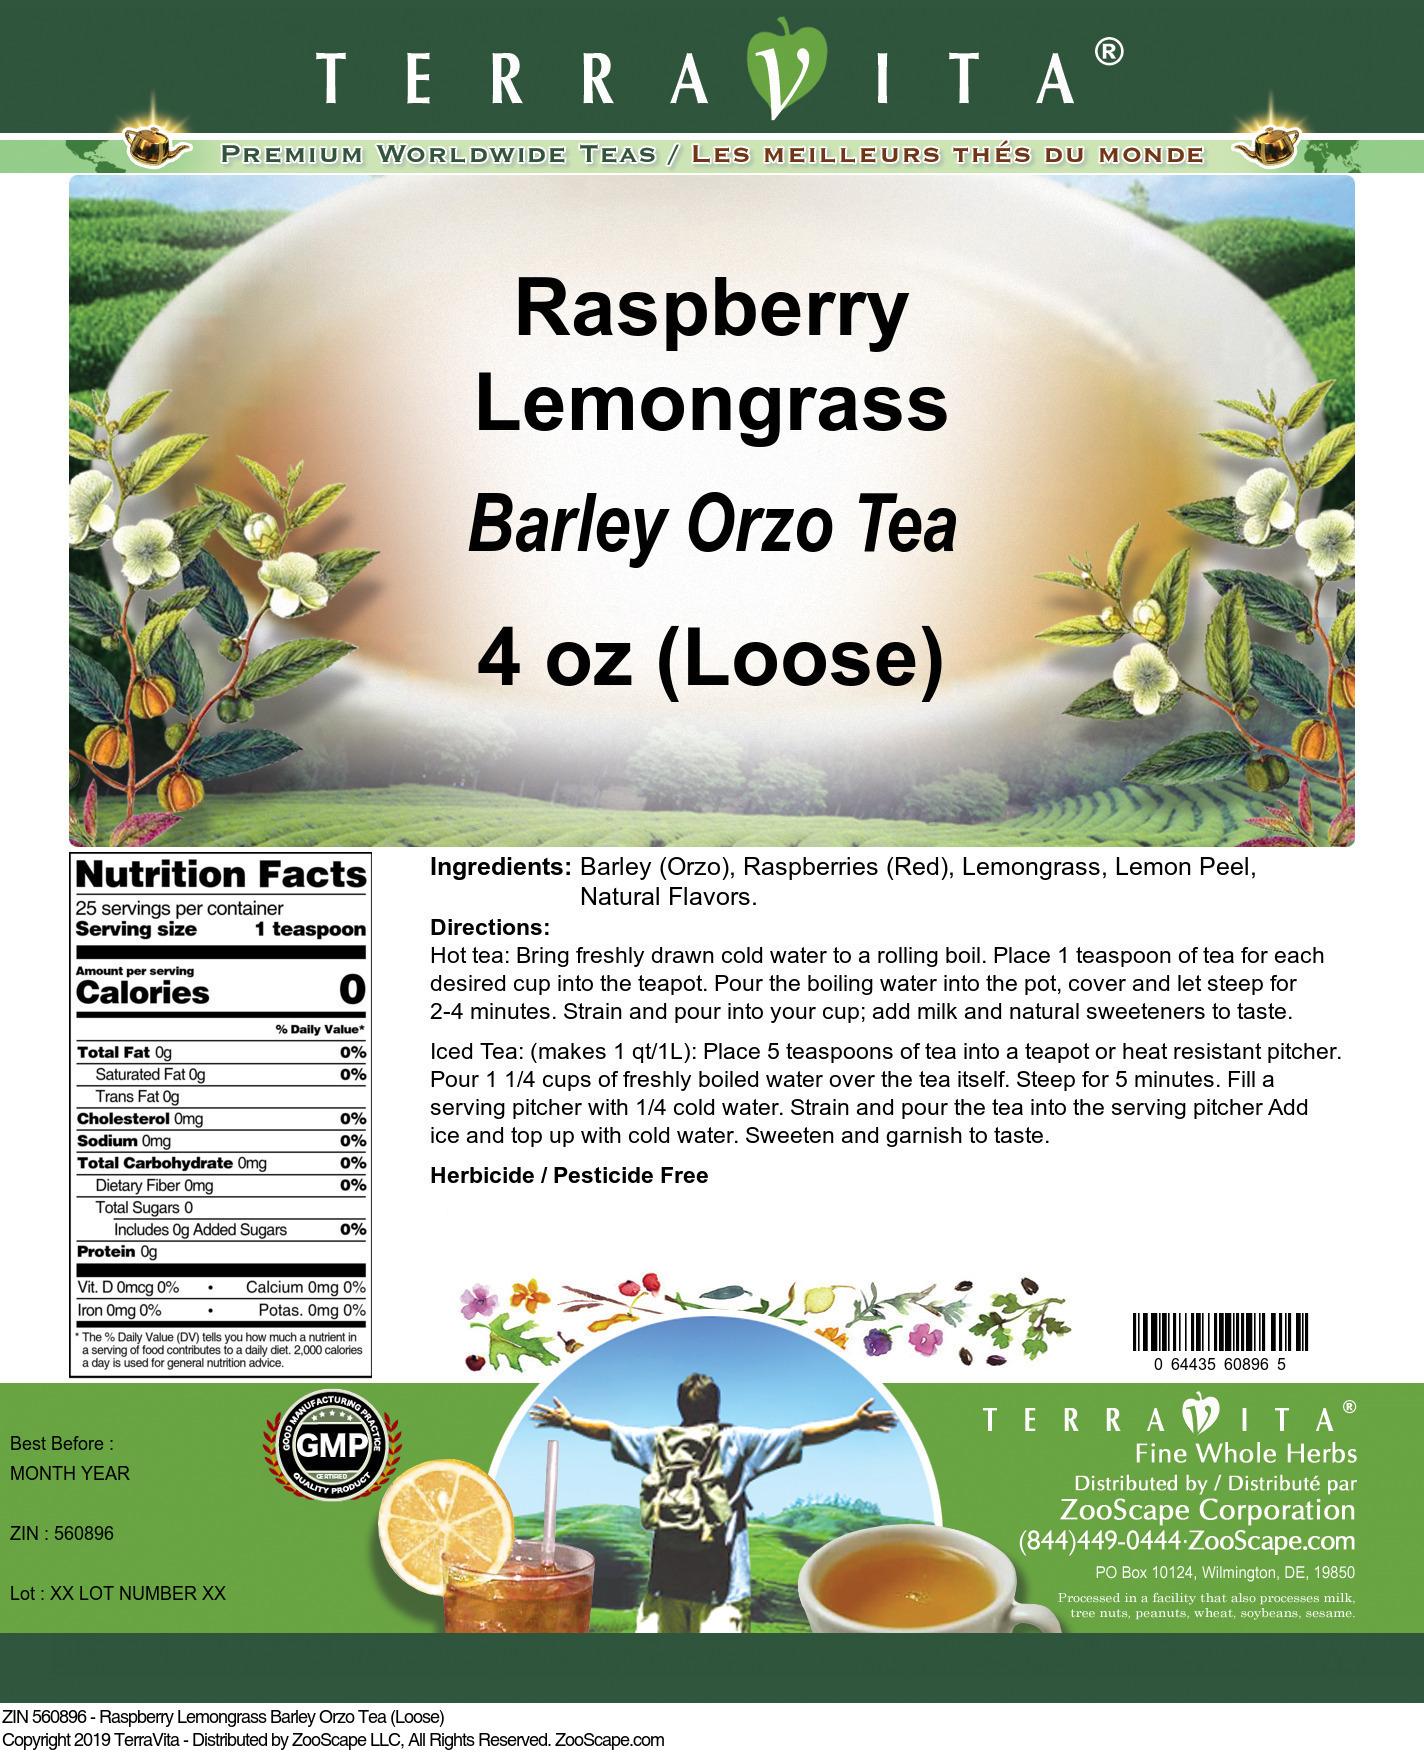 Raspberry Lemongrass Barley Orzo Tea (Loose)